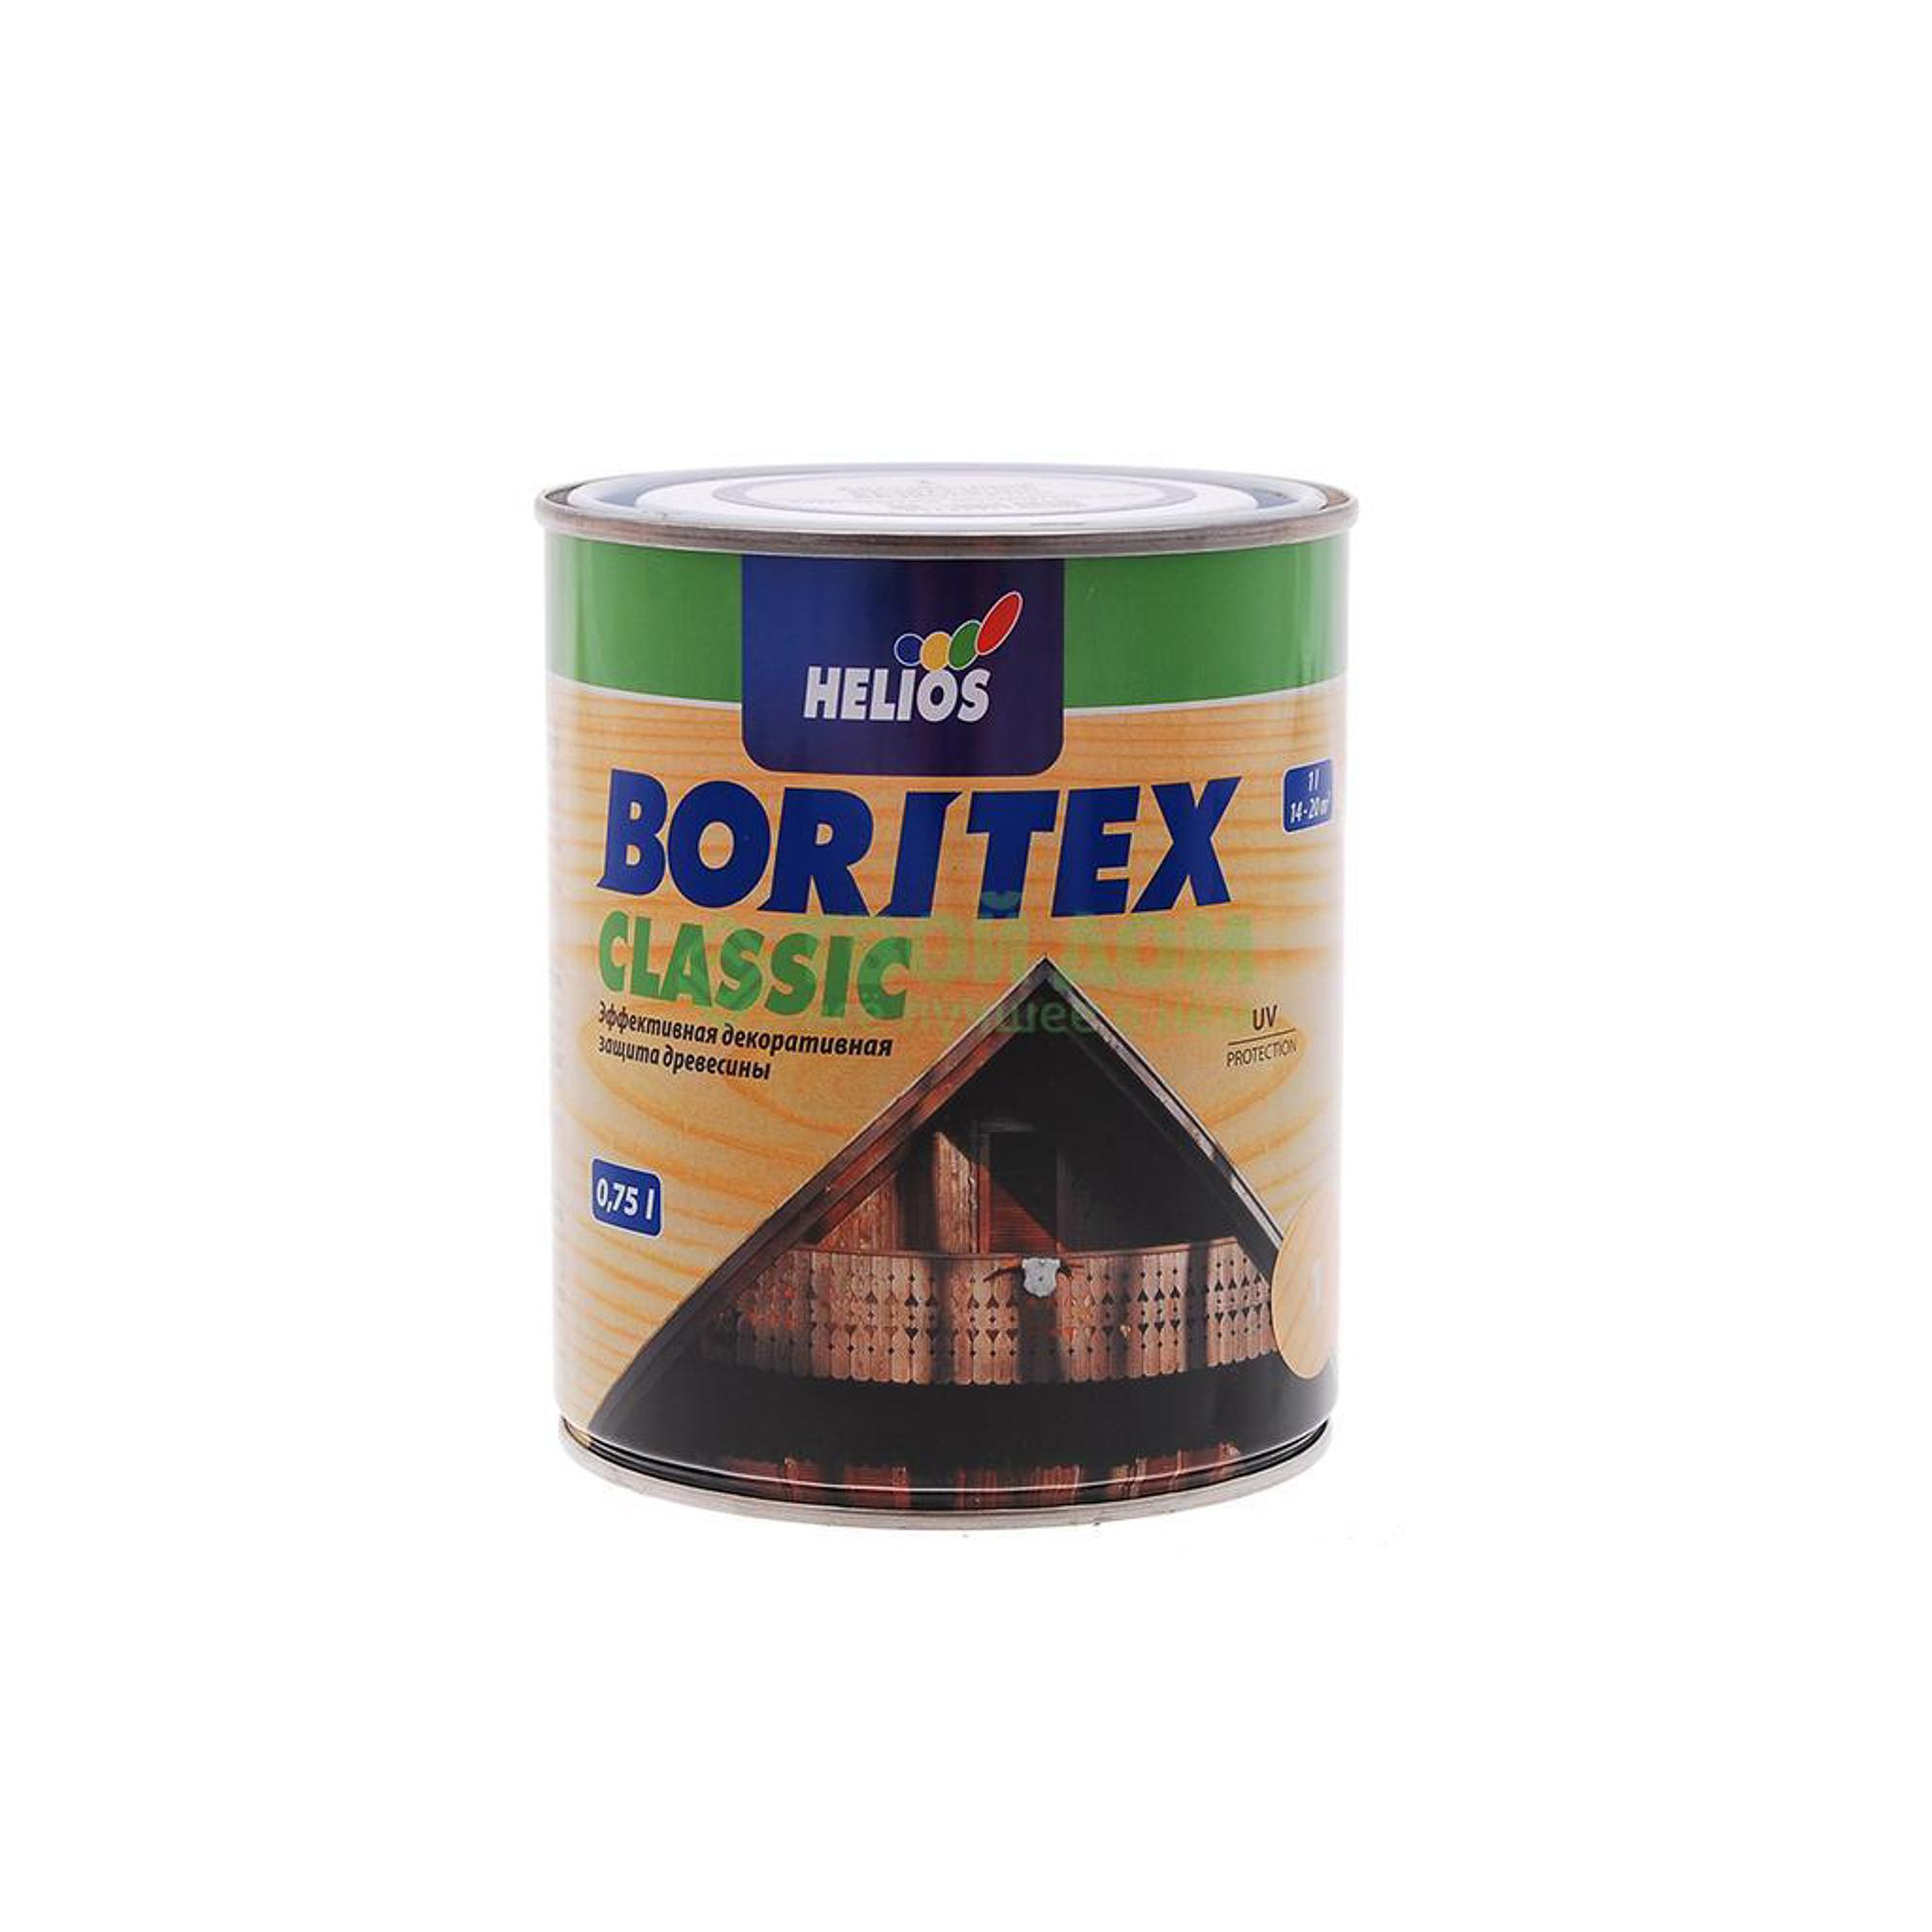 Антисептик Helios Boritex Classic 0,75л Черешня фото